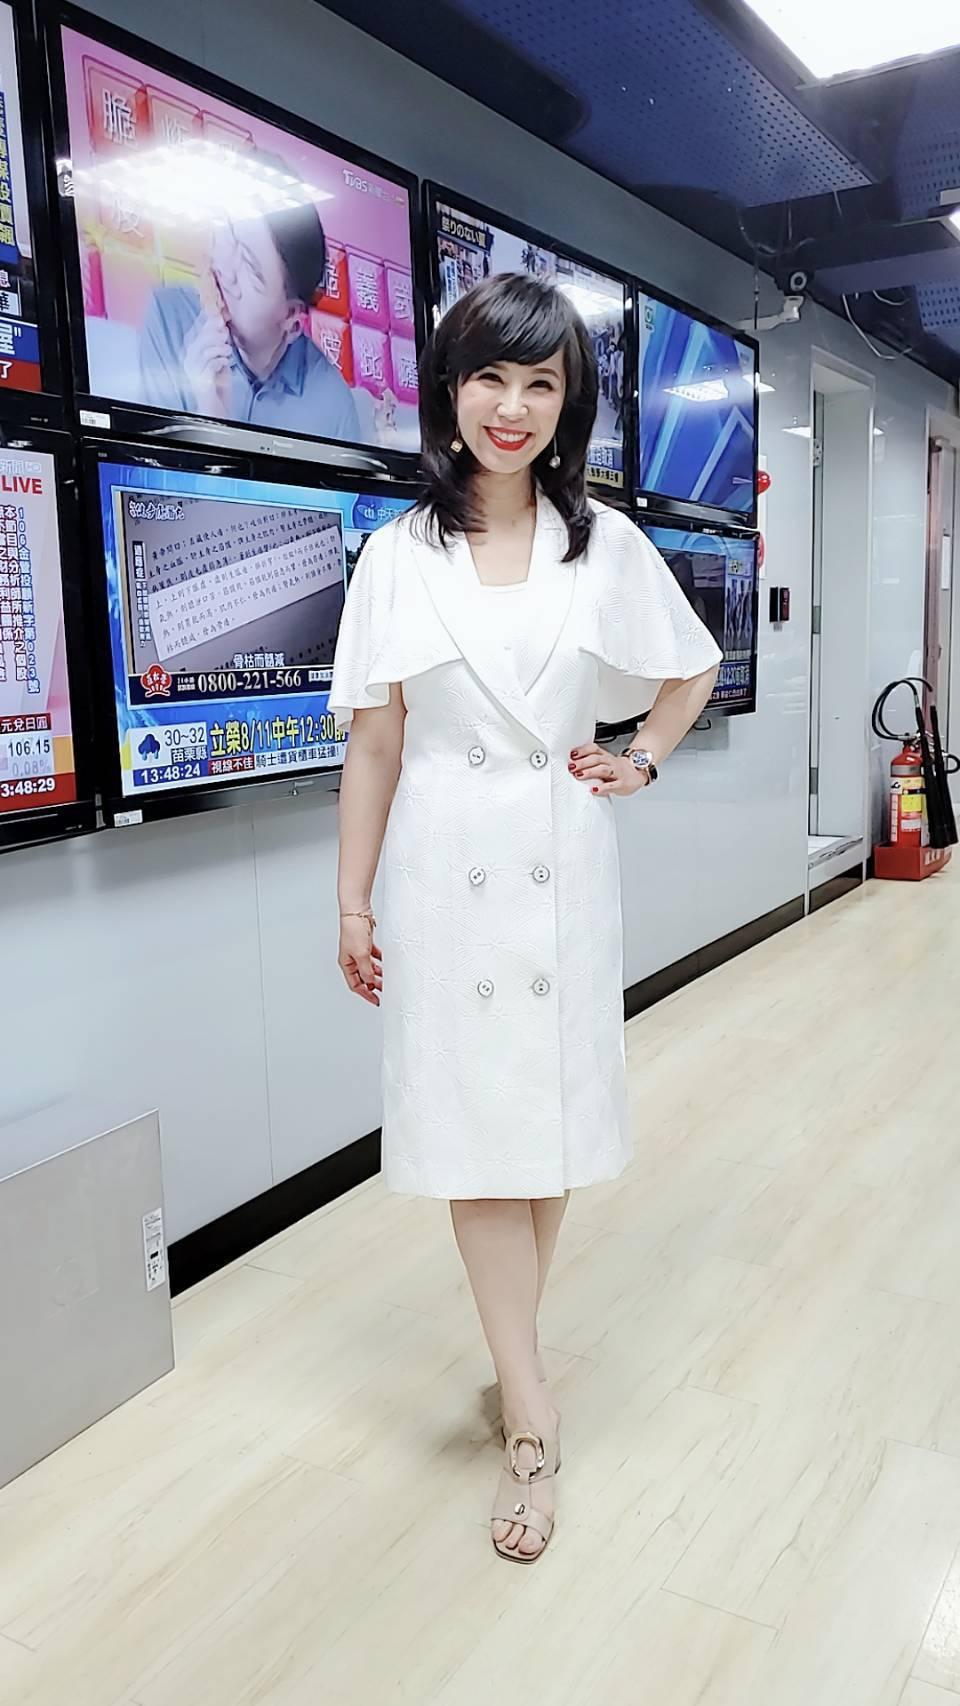 東森新聞「台灣1001個故事」主持人白心儀。圖/東森新聞提供